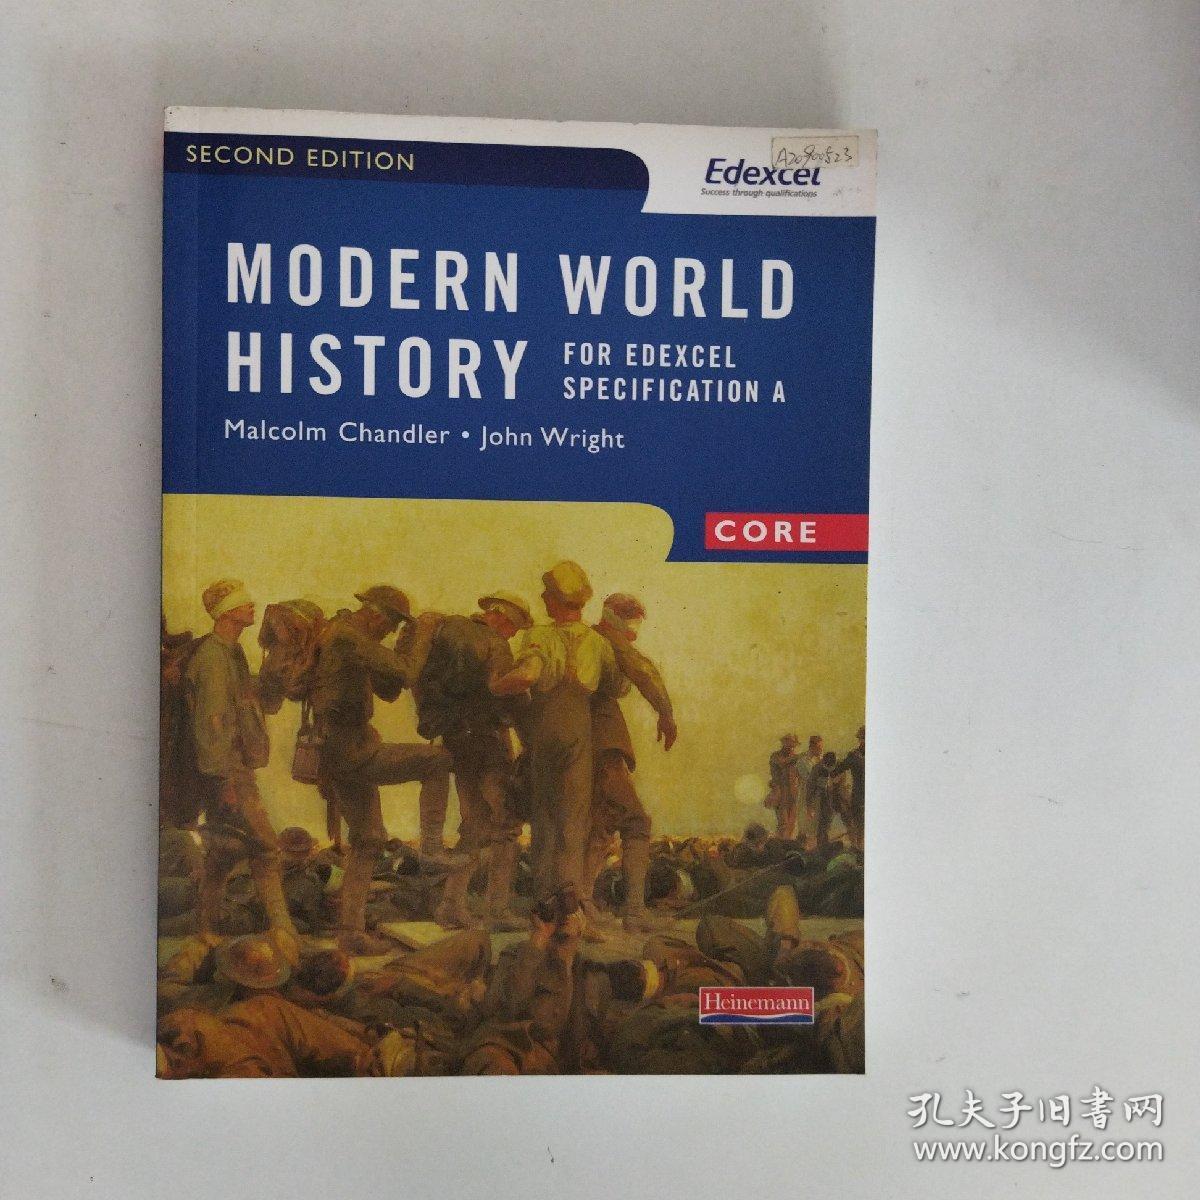 【外文原版】Modern World History for Edexcel: Core Textbook爱德思现代世界史:核心教材